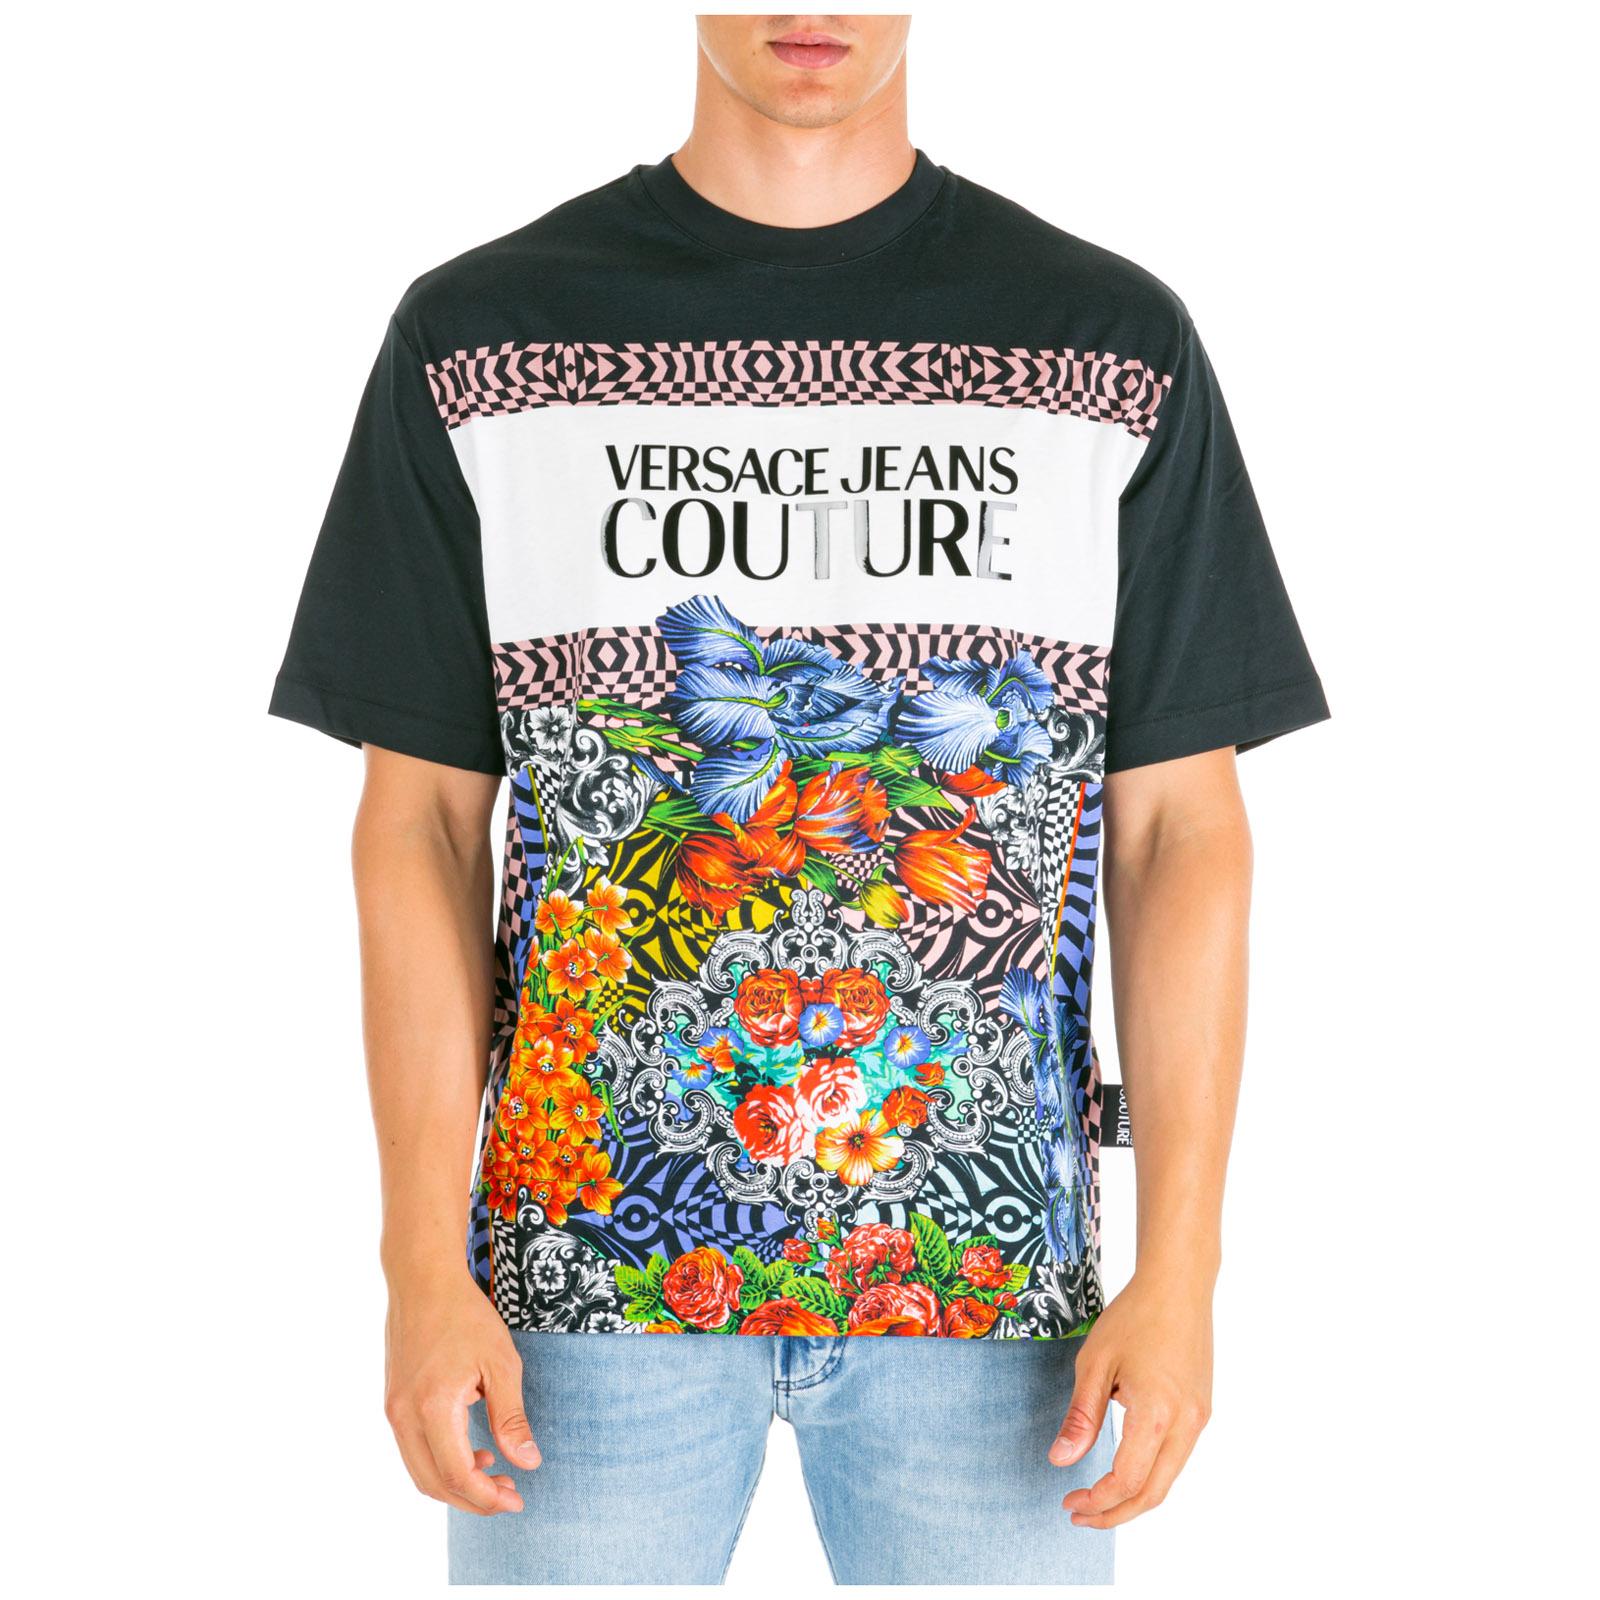 916dd8a6 Men's short sleeve t-shirt crew neckline jumper optical flowers